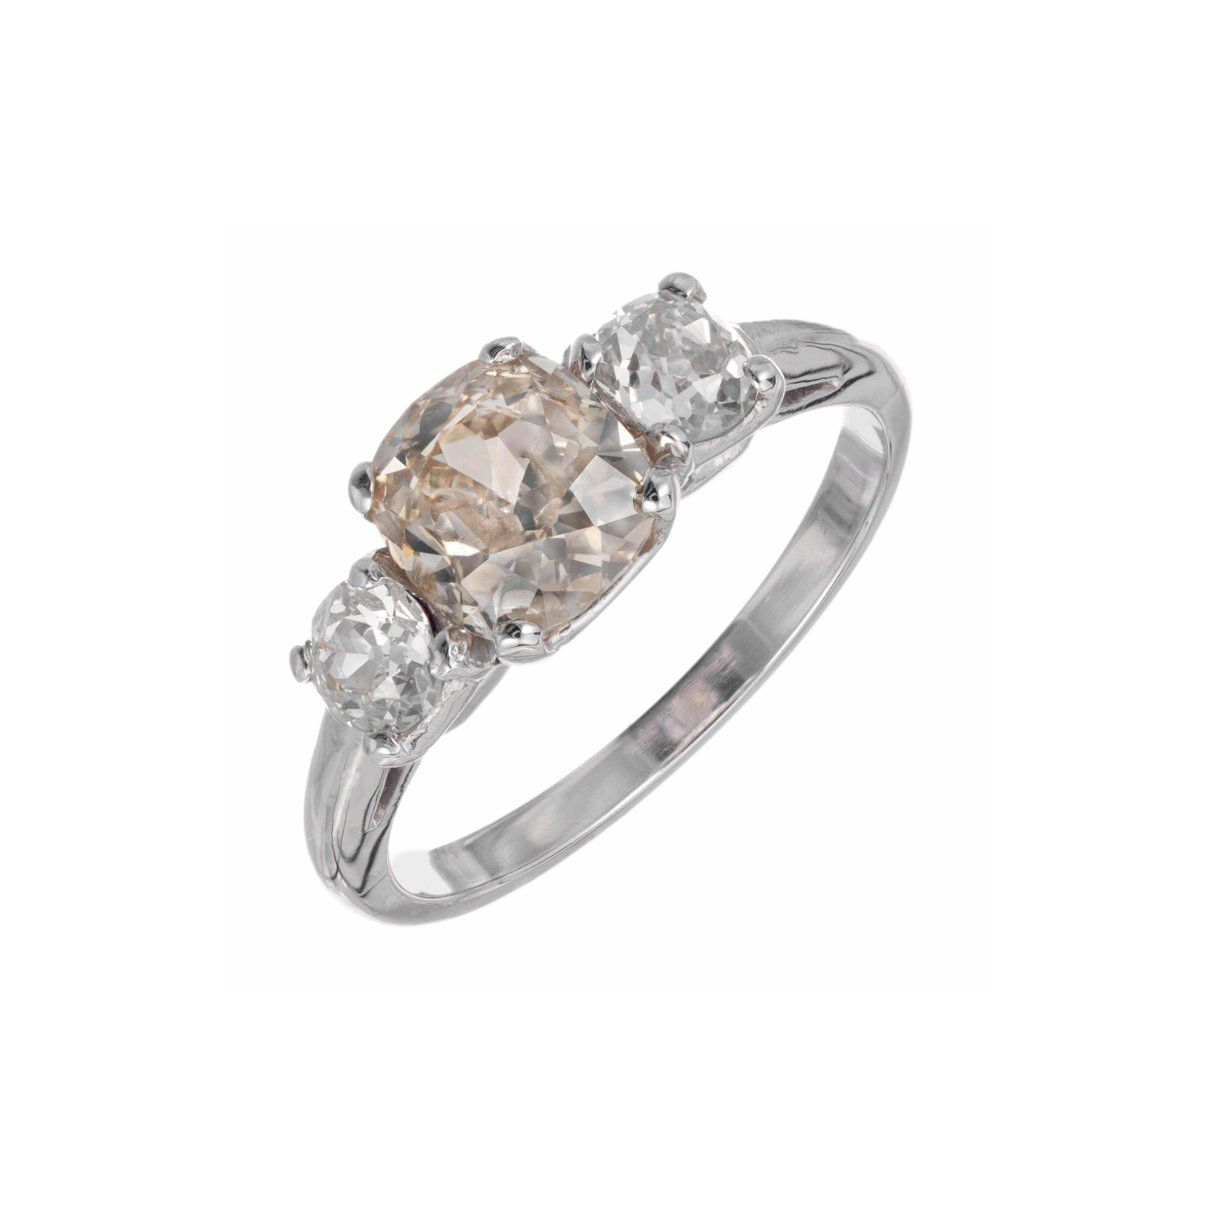 1stDibs GIA Certified 1.58 Carat Golden Brown Yellow Diamond Platinum Engagement Ring